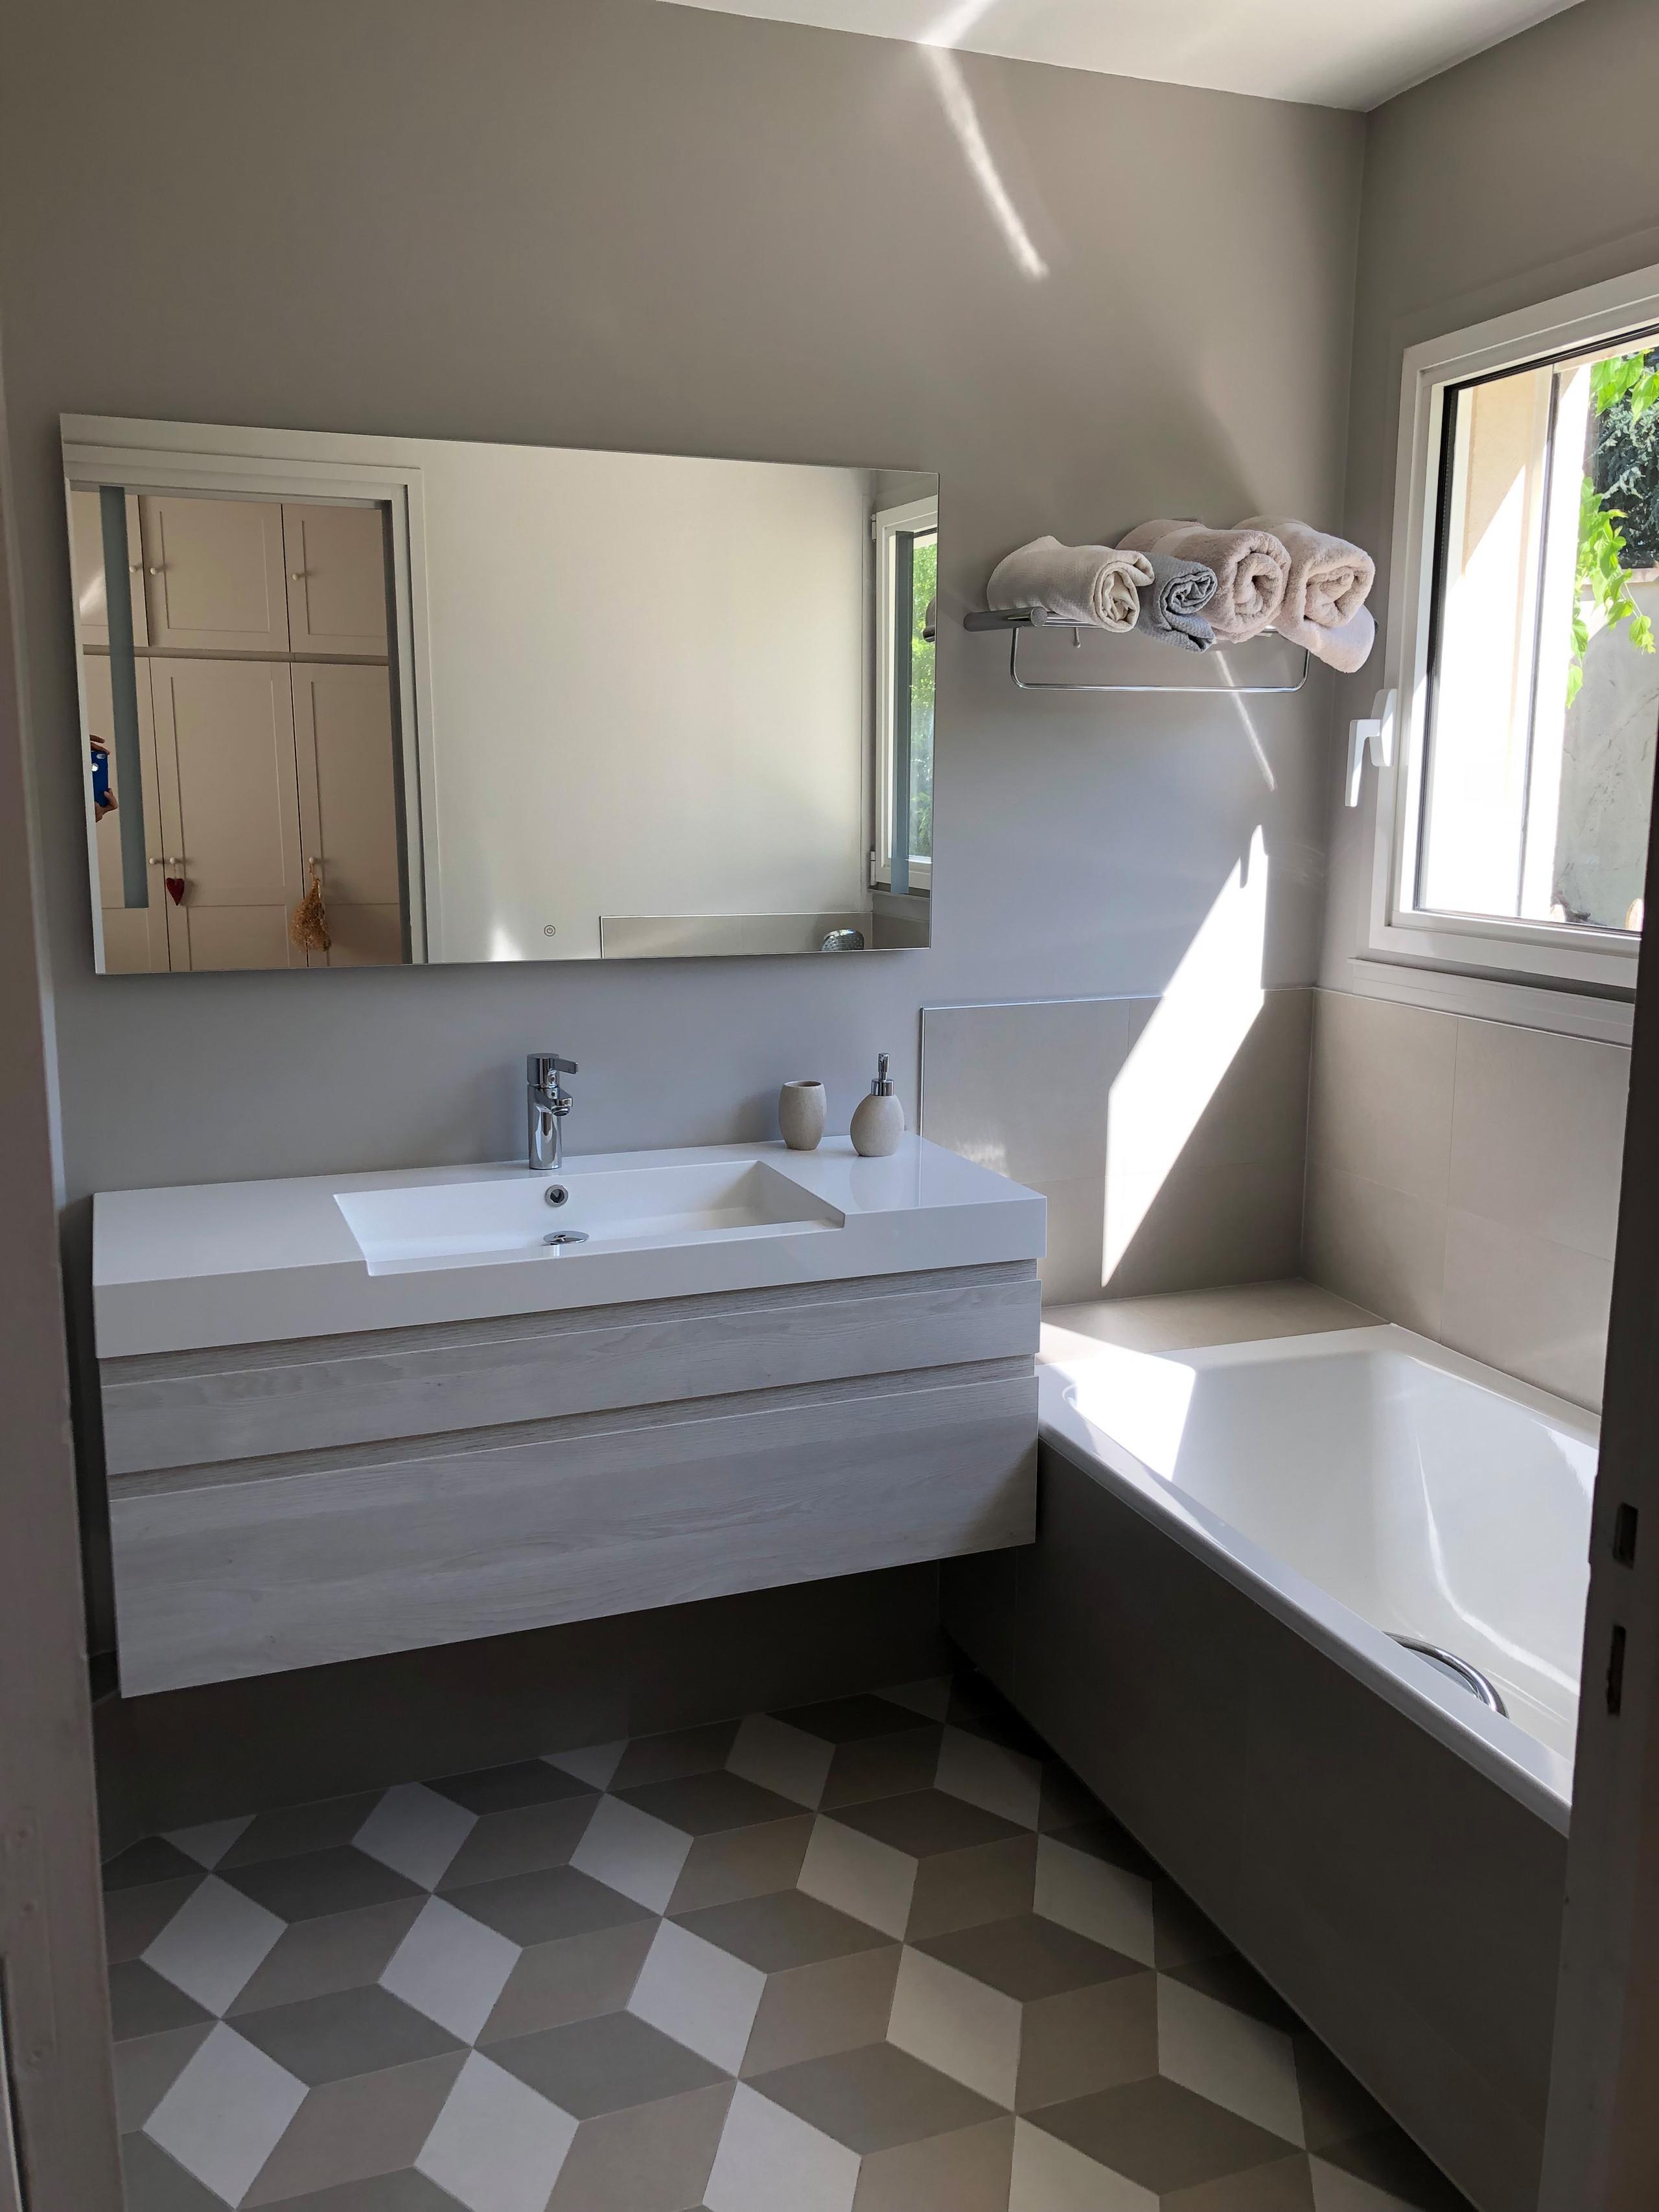 Transformation de 2 salles de bain